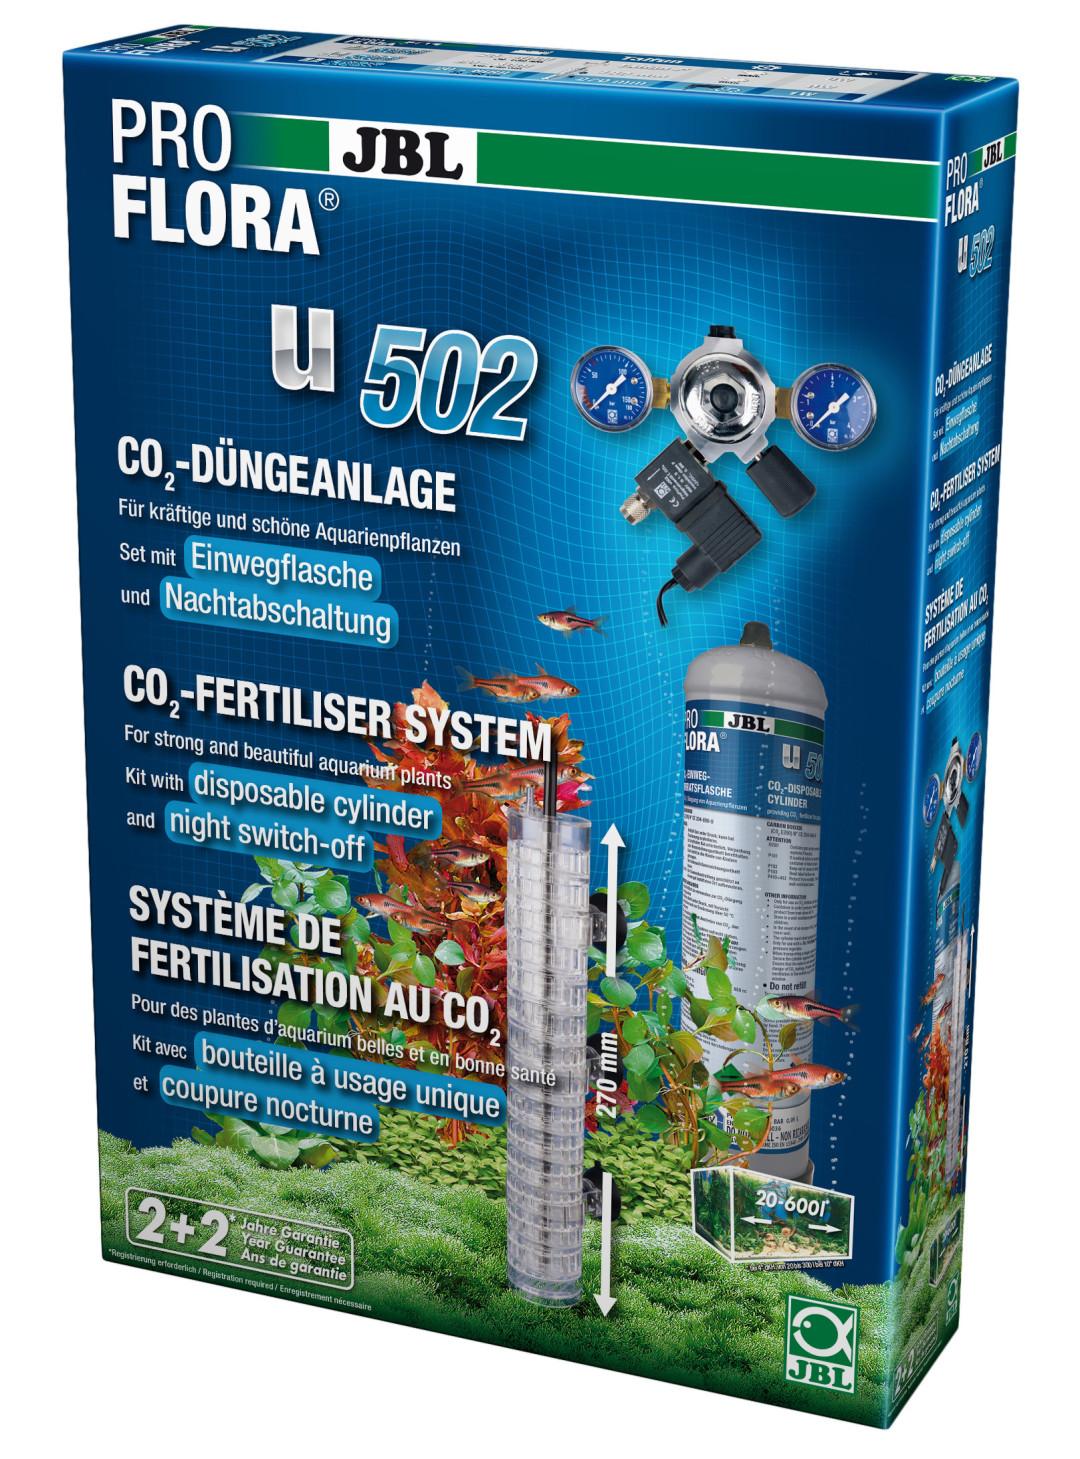 JBL CO2-set ProFlora u502 +